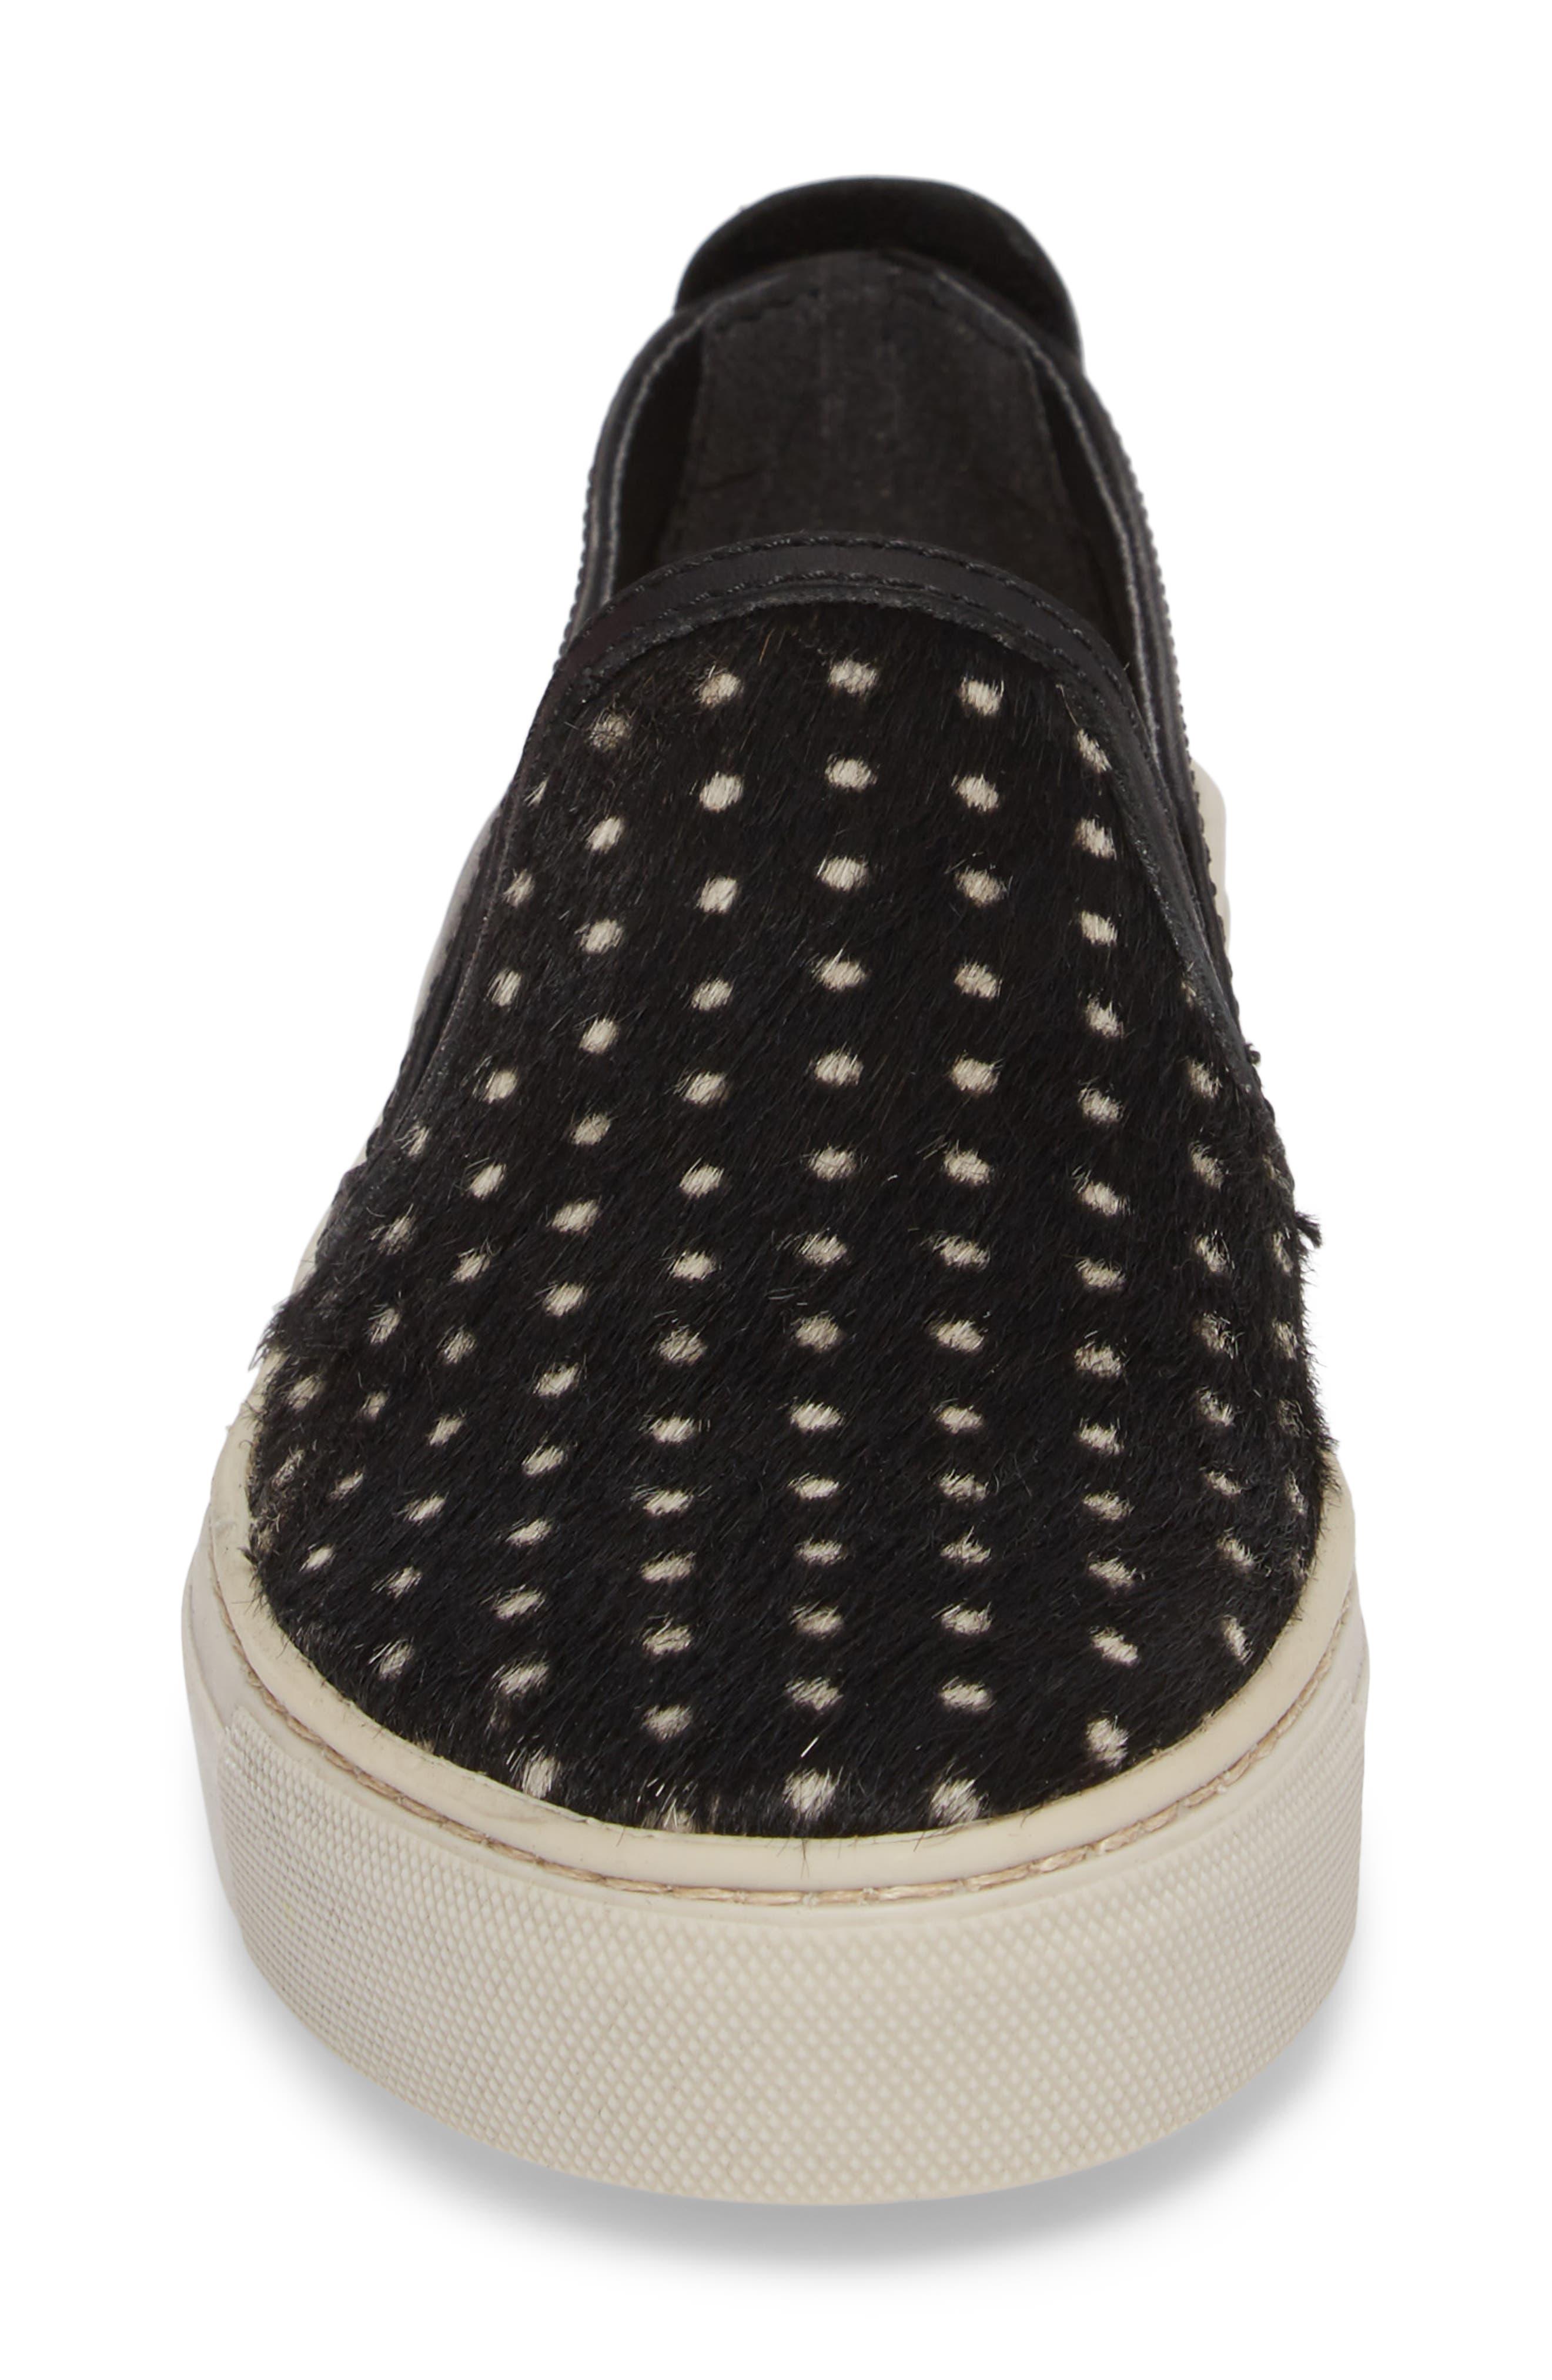 Sneak About Slip-On Sneaker,                             Alternate thumbnail 4, color,                             BLACK POLKA DOT LEATHER